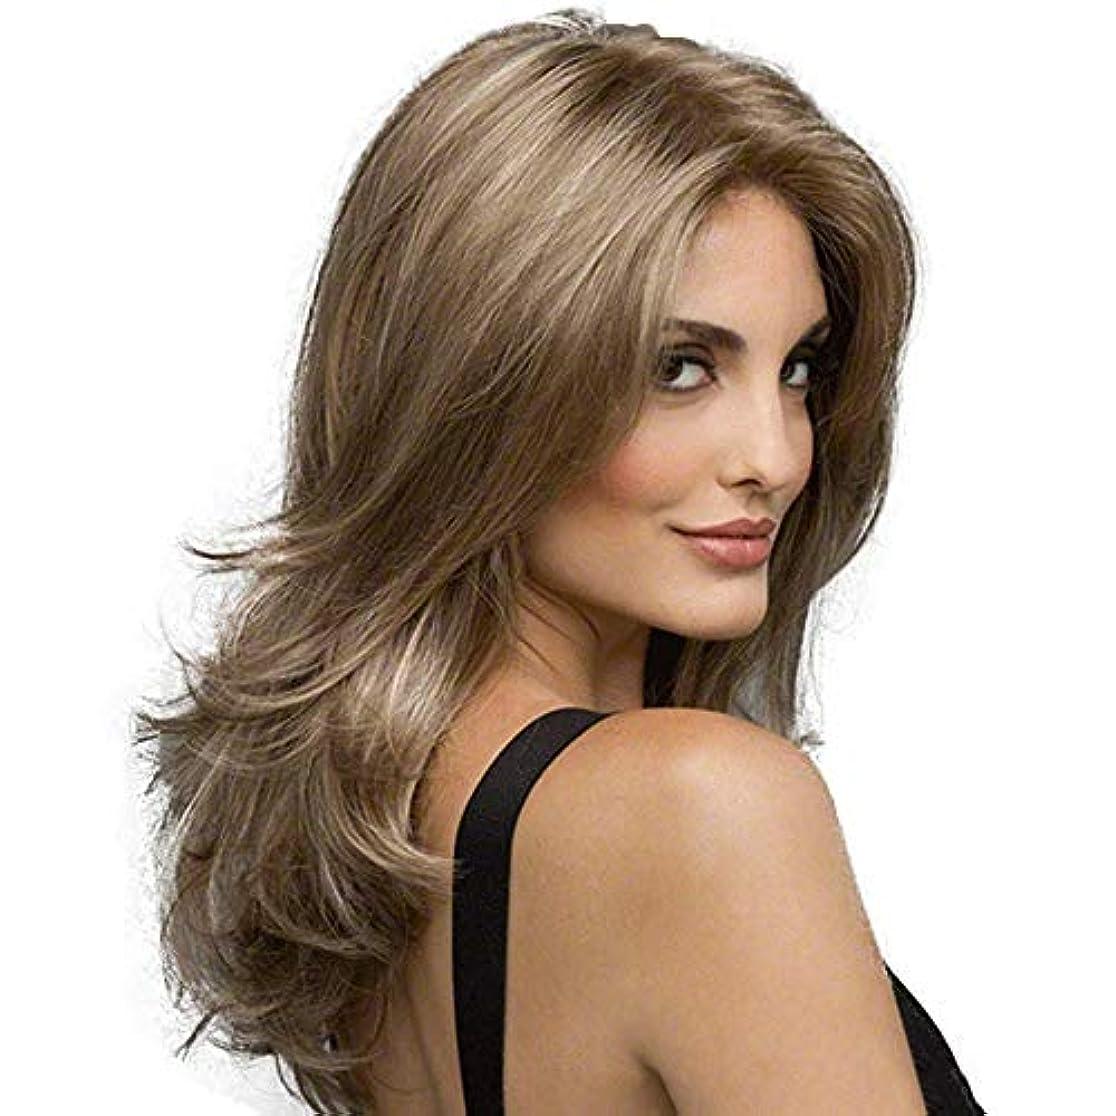 滅びるスティーブンソン再開女性の長い巻き毛の波状の髪のかつら22インチ魅力的な自然な人間の髪のかつら熱にやさしい人工毛交換かつらハロウィンコスプレ衣装アニメパーティーかつら (Color : Linen brown)